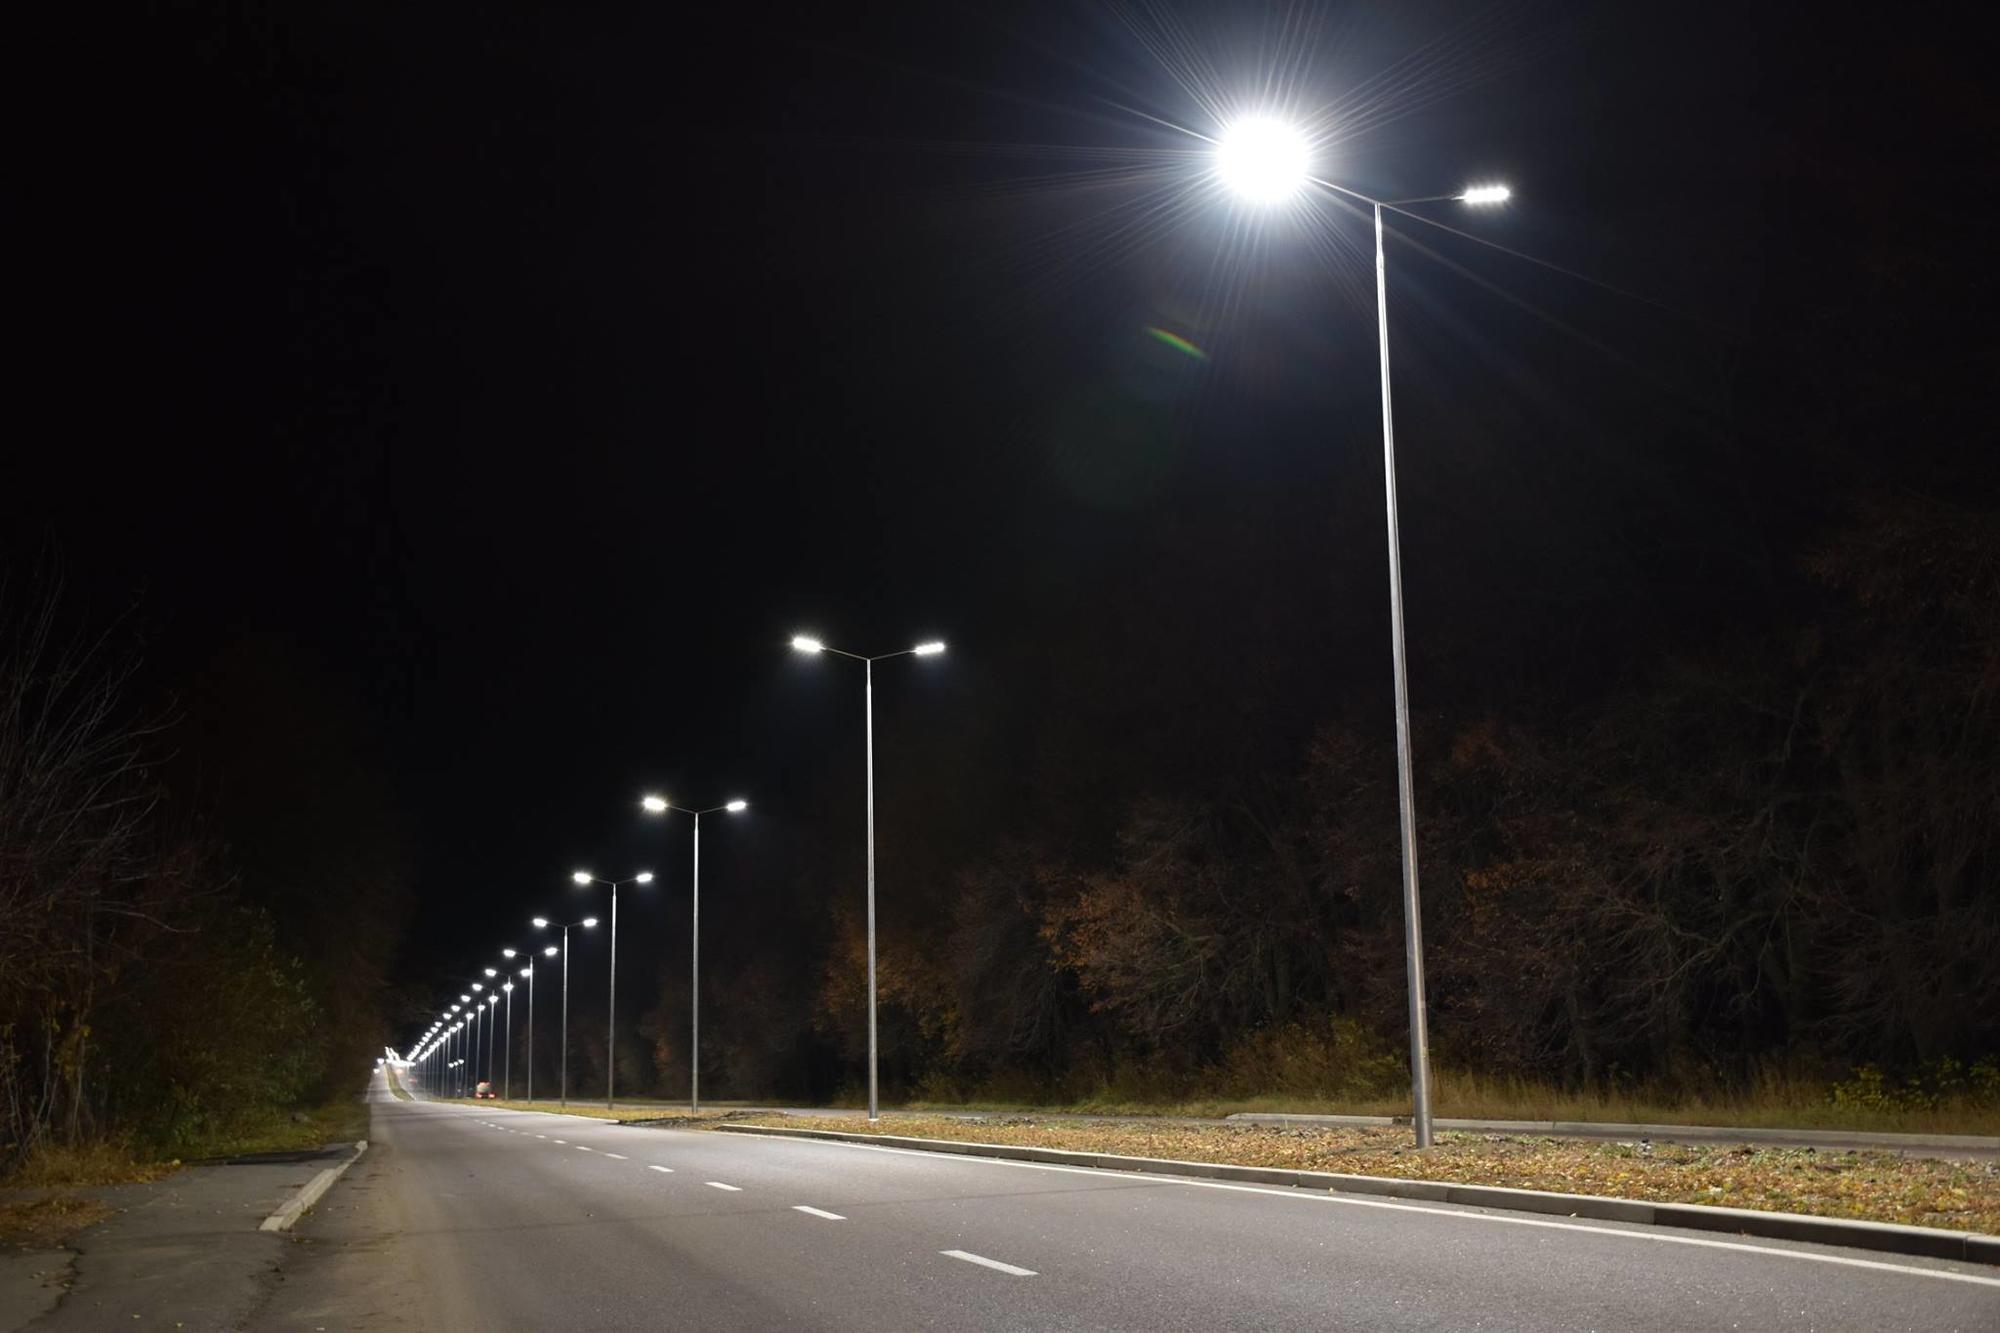 світлодіодні ліхтарі вночі